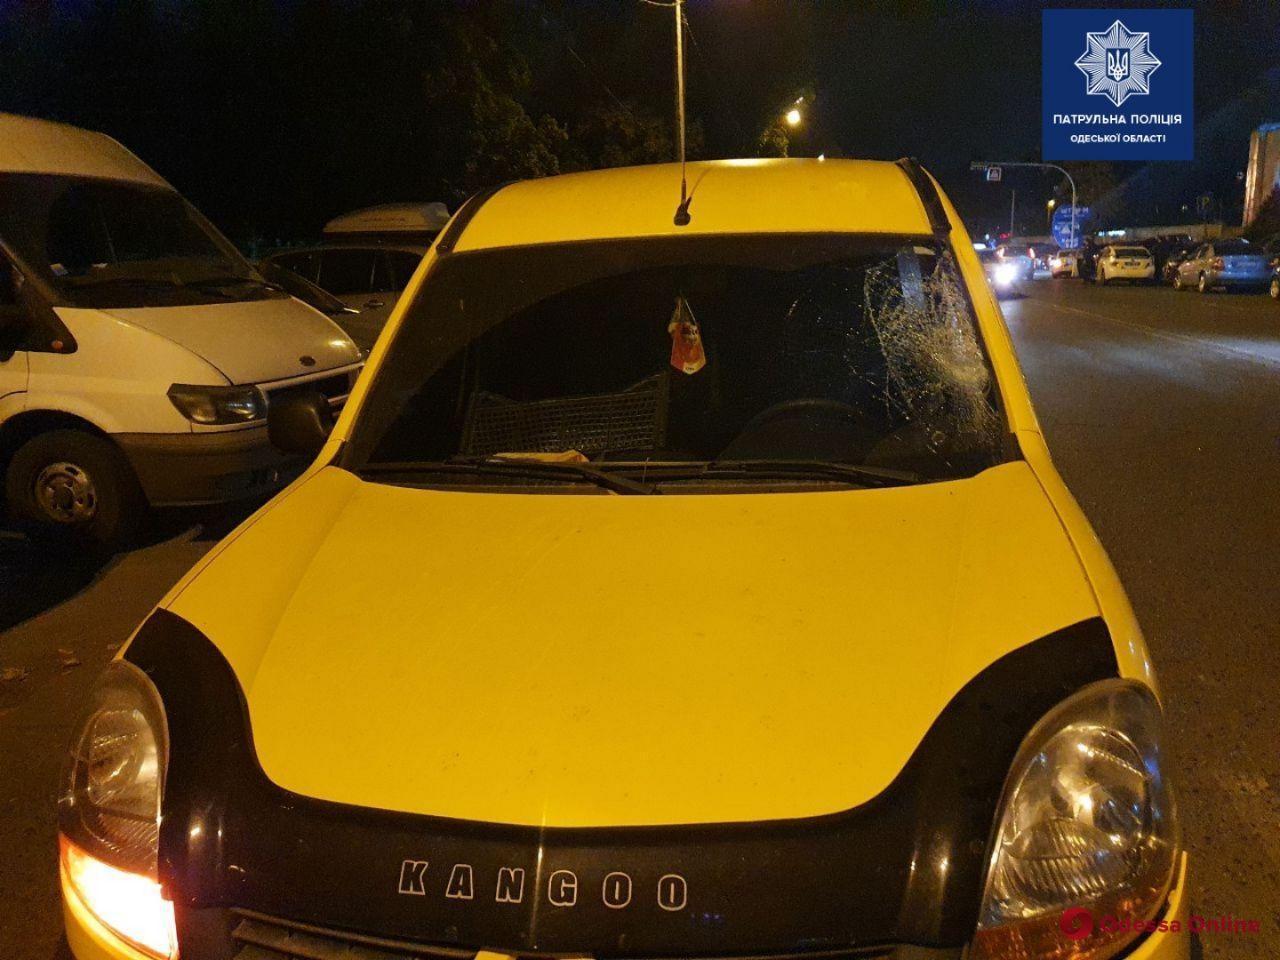 На Черемушках Renault Kangoo насмерть сбил пешехода (обновлено)